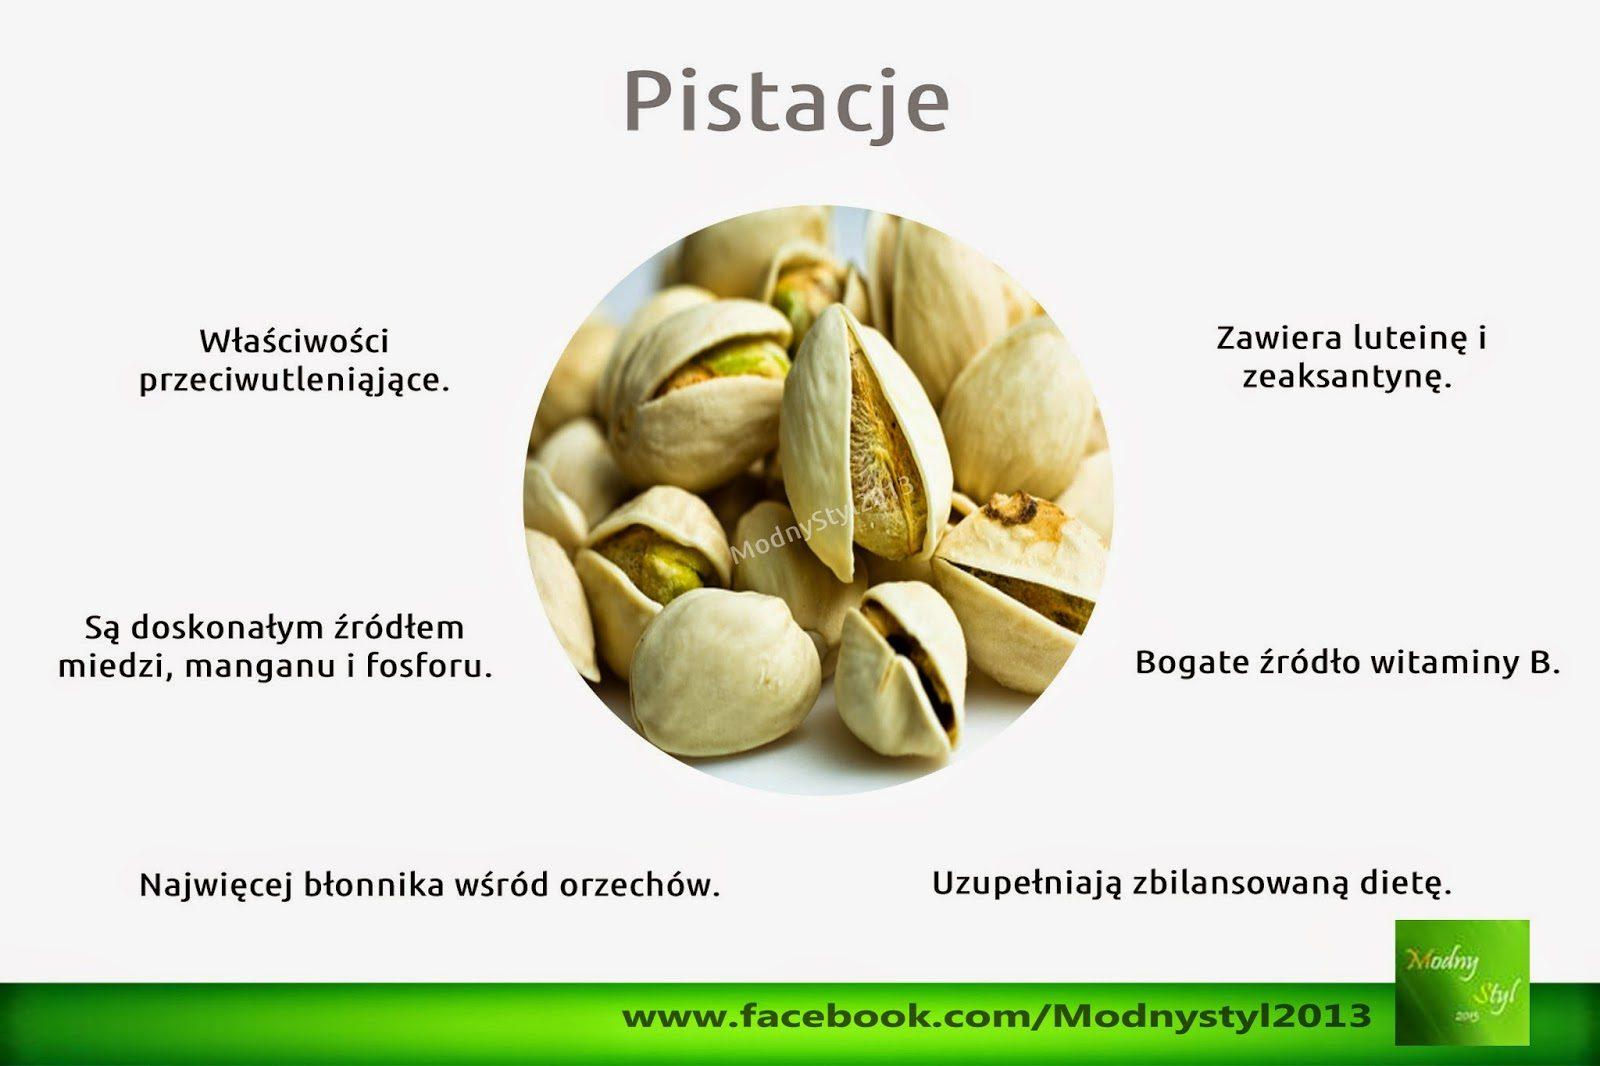 pistacje-2510070